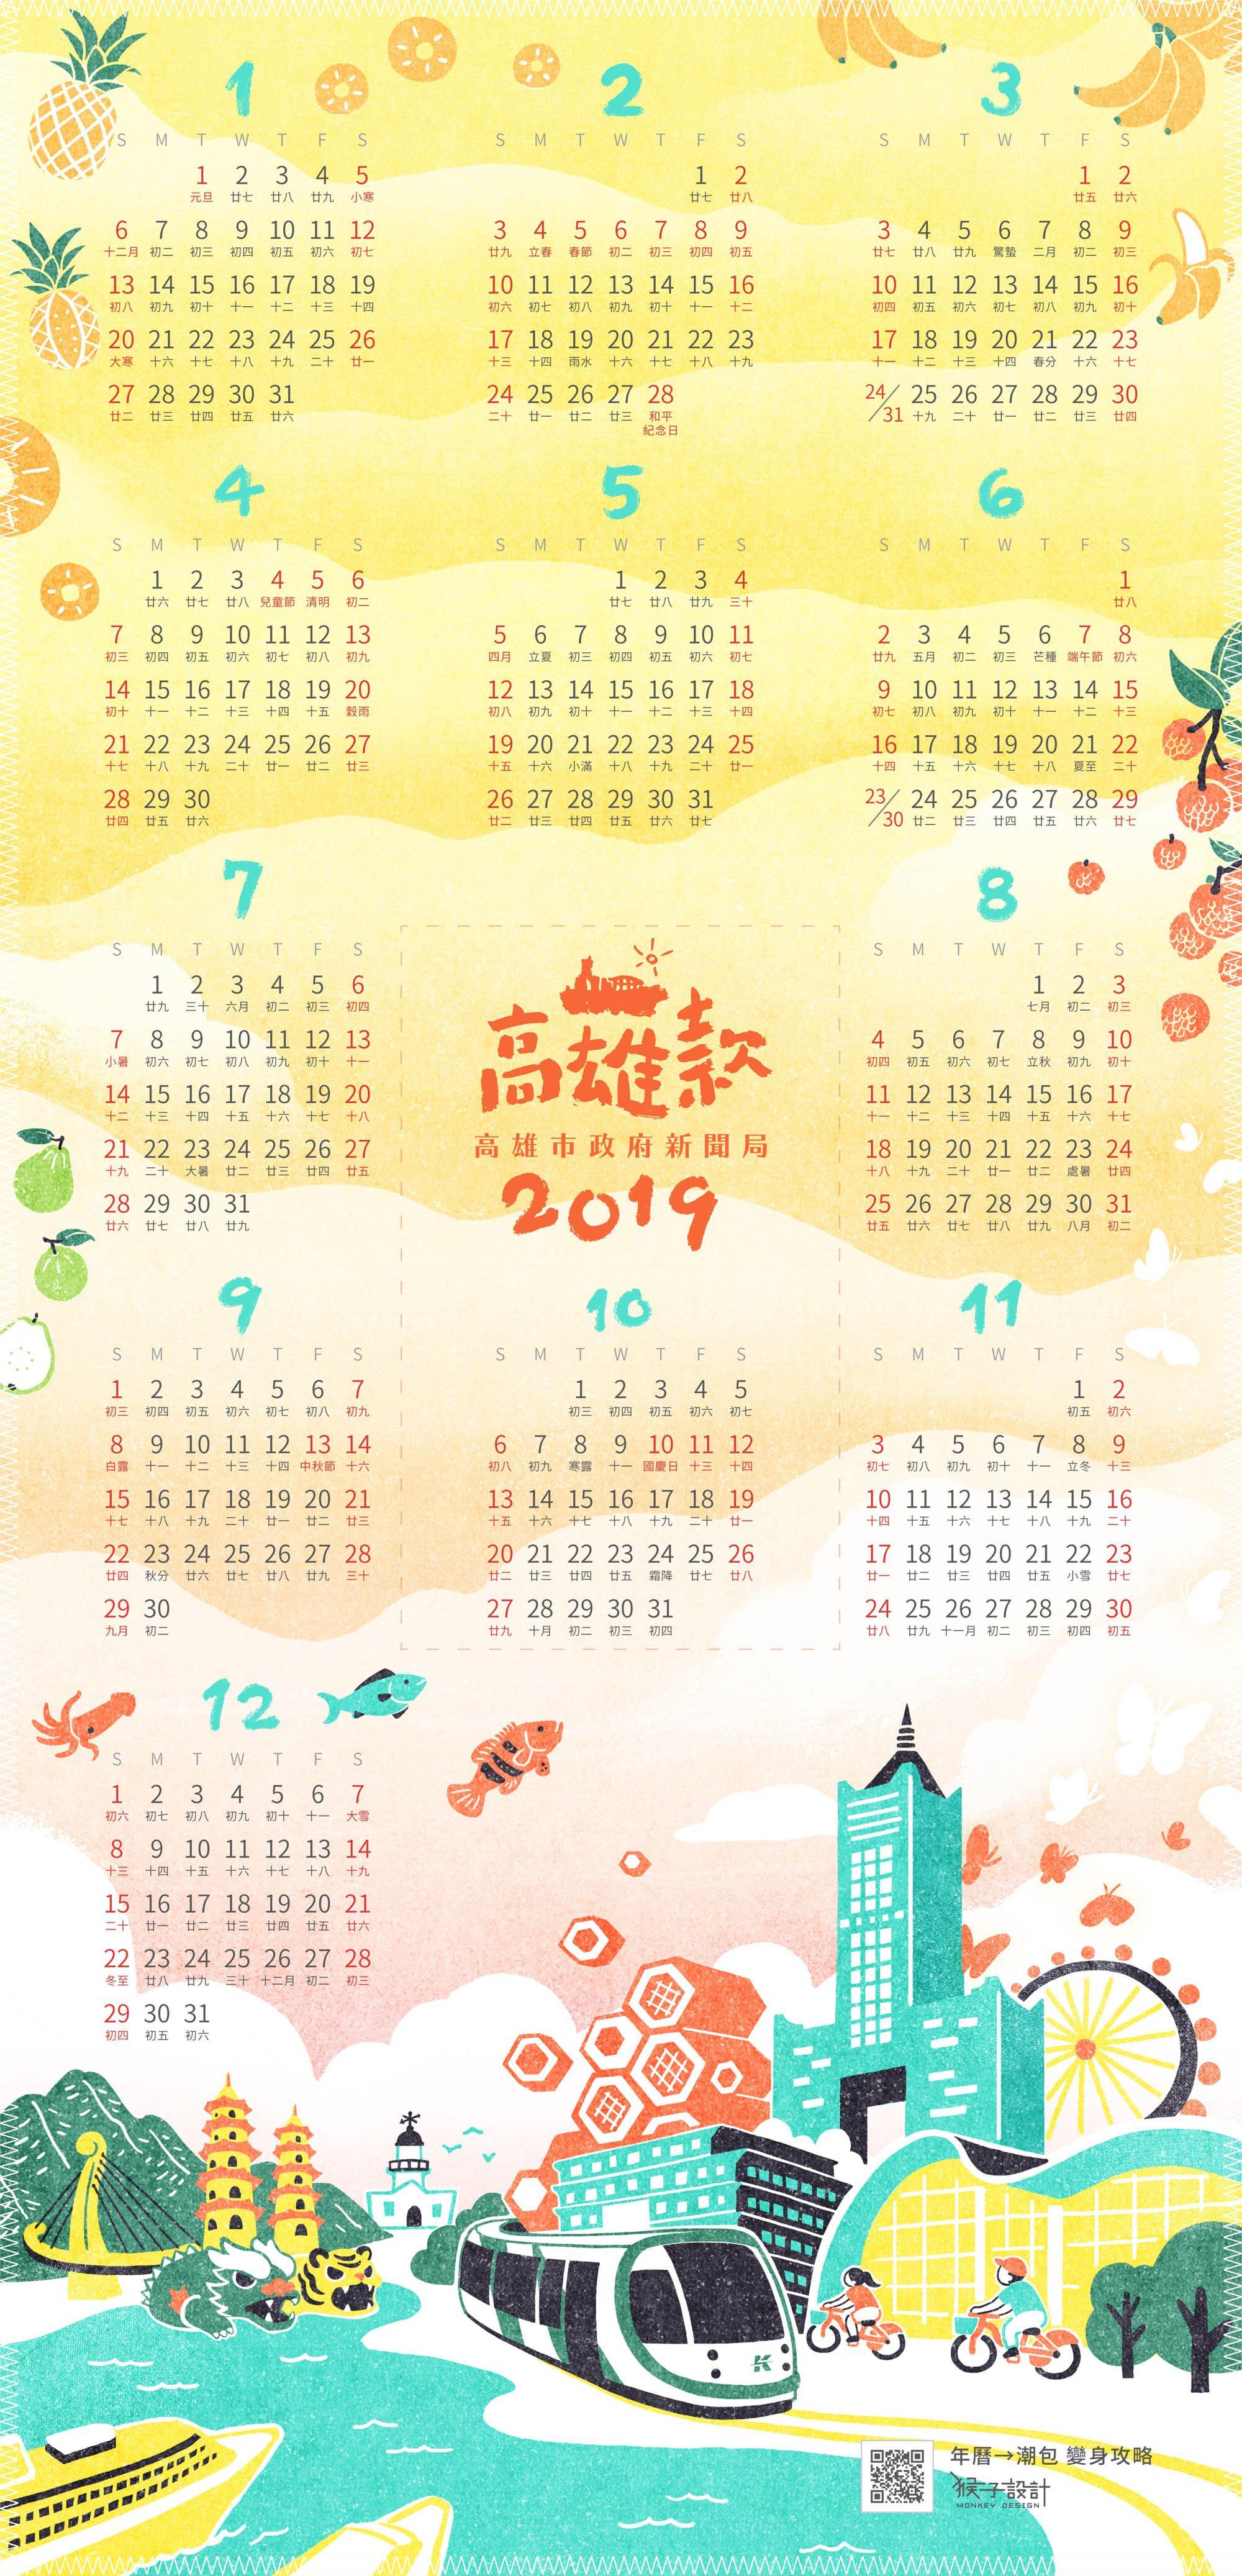 2019年曆照片-52019高雄市年曆.jpg